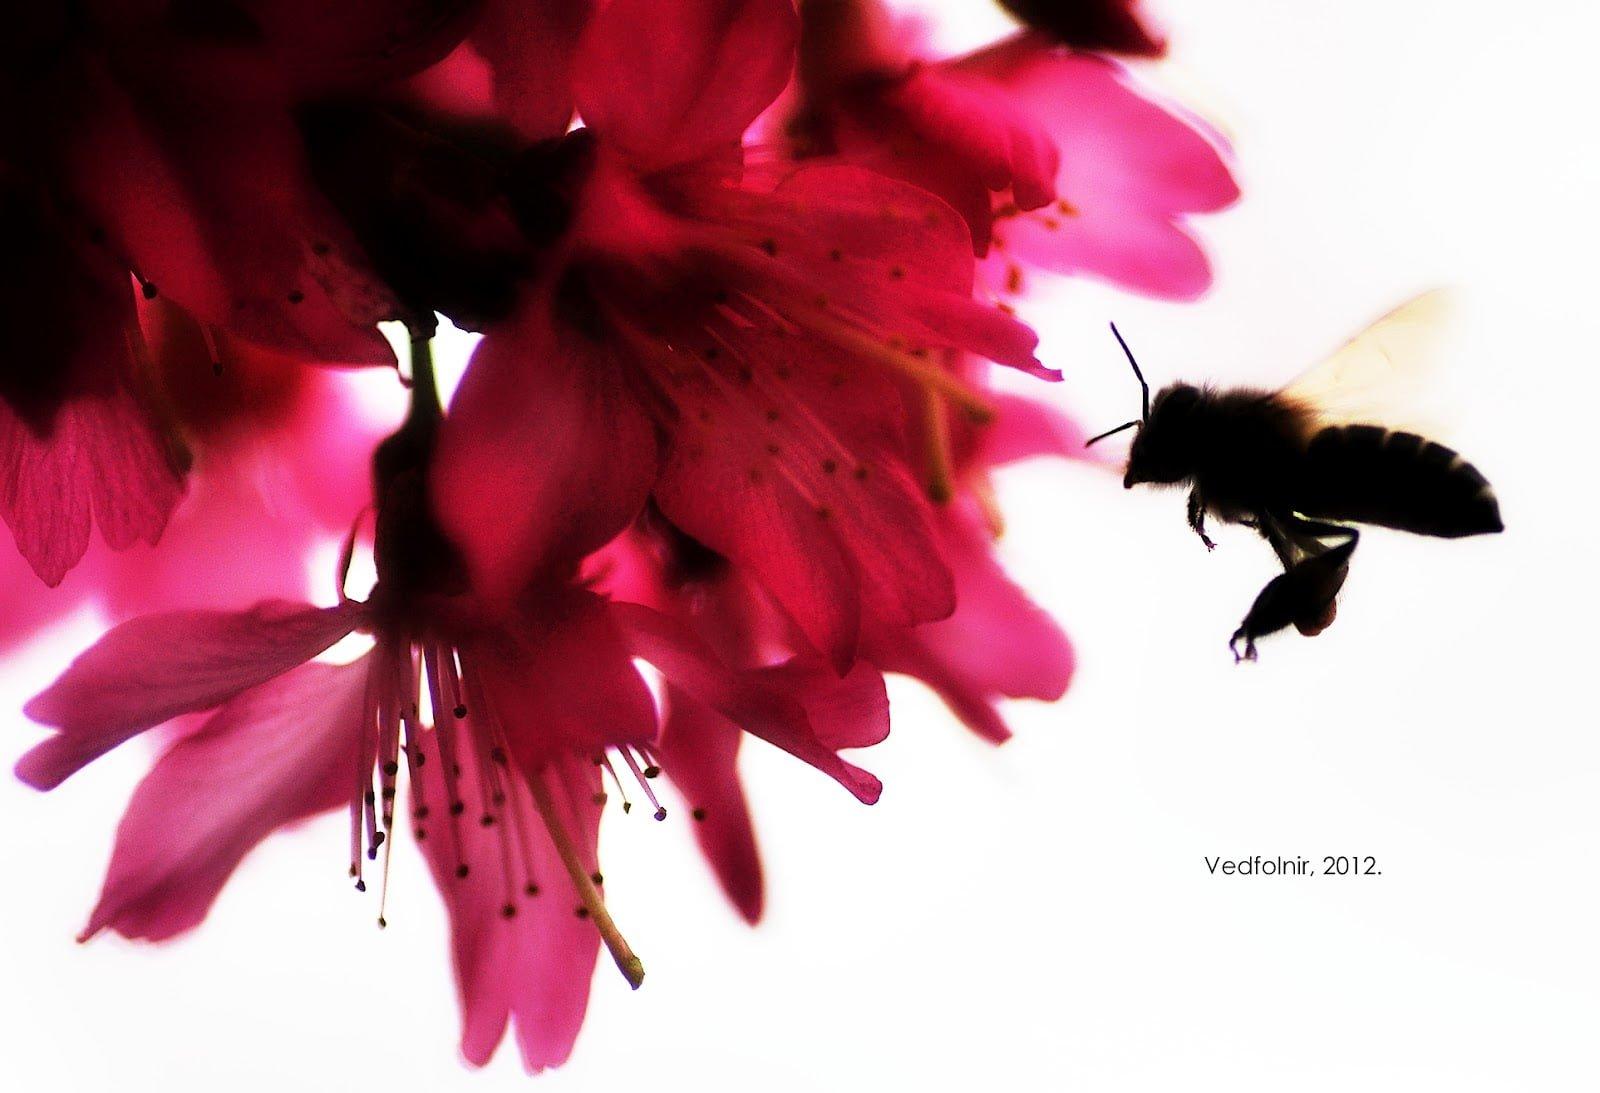 蜜蜂飛行於櫻花叢中